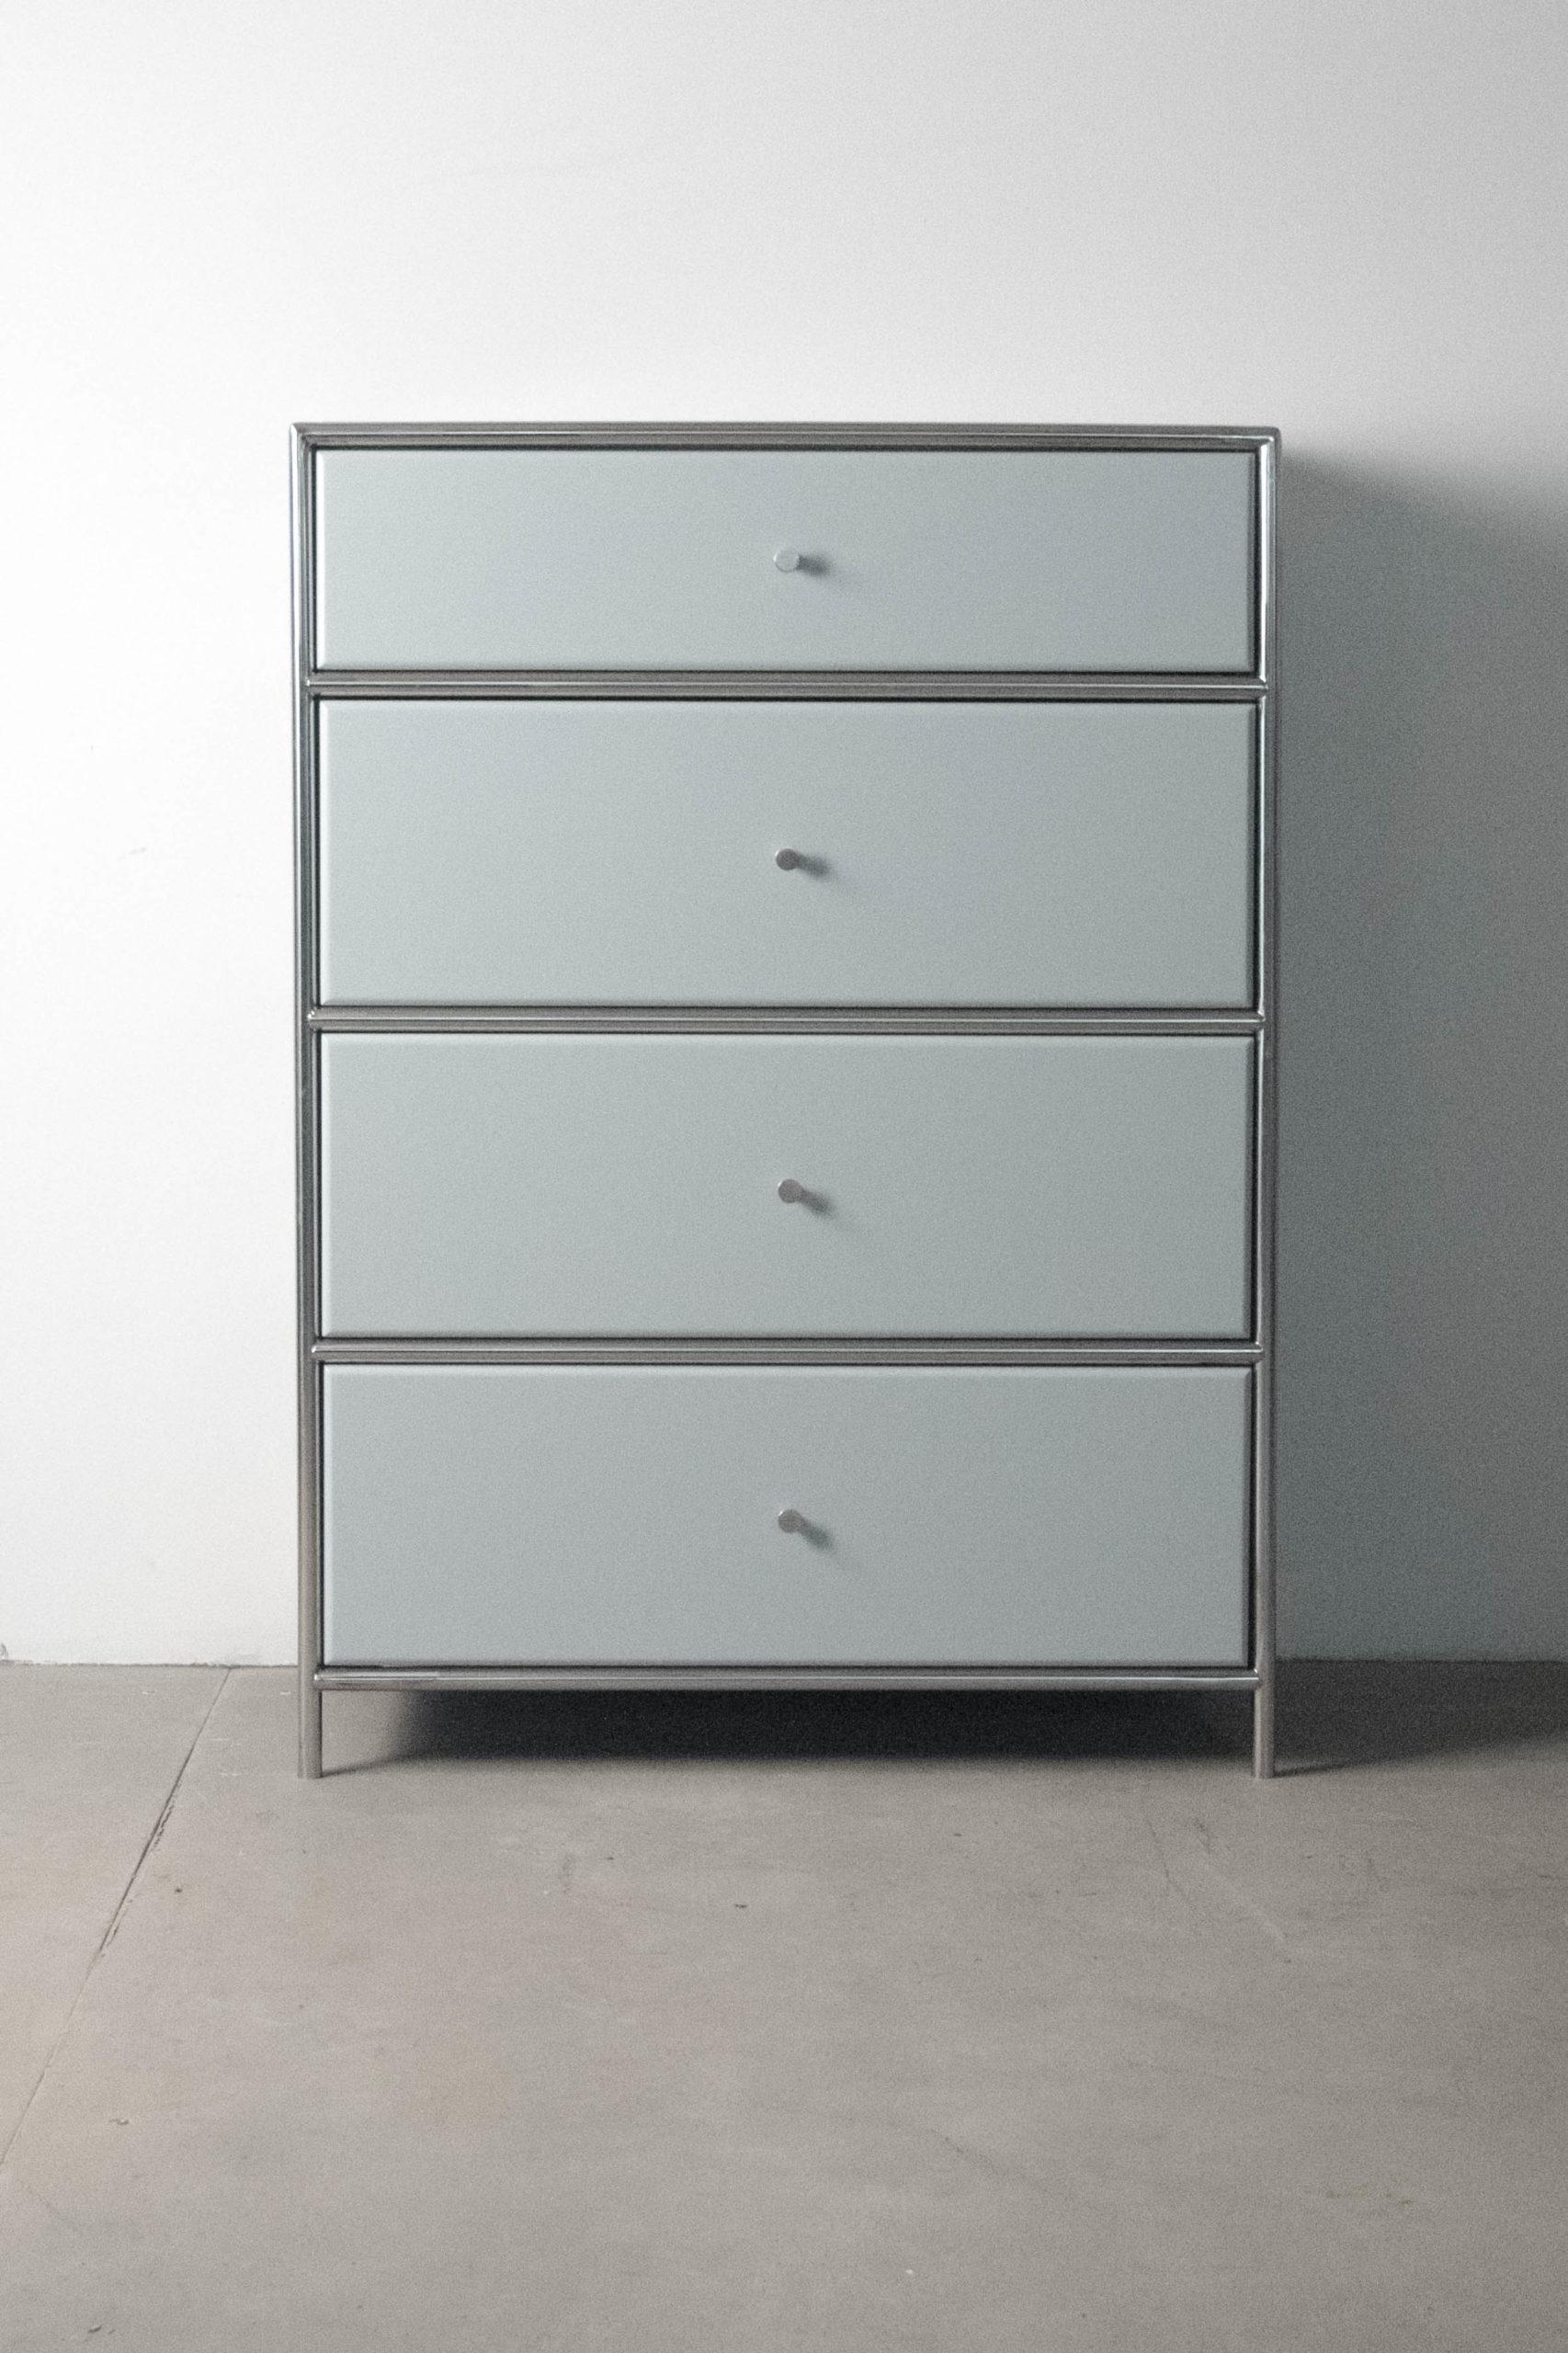 mueble gris industrial colores usm calidad salon zapatero